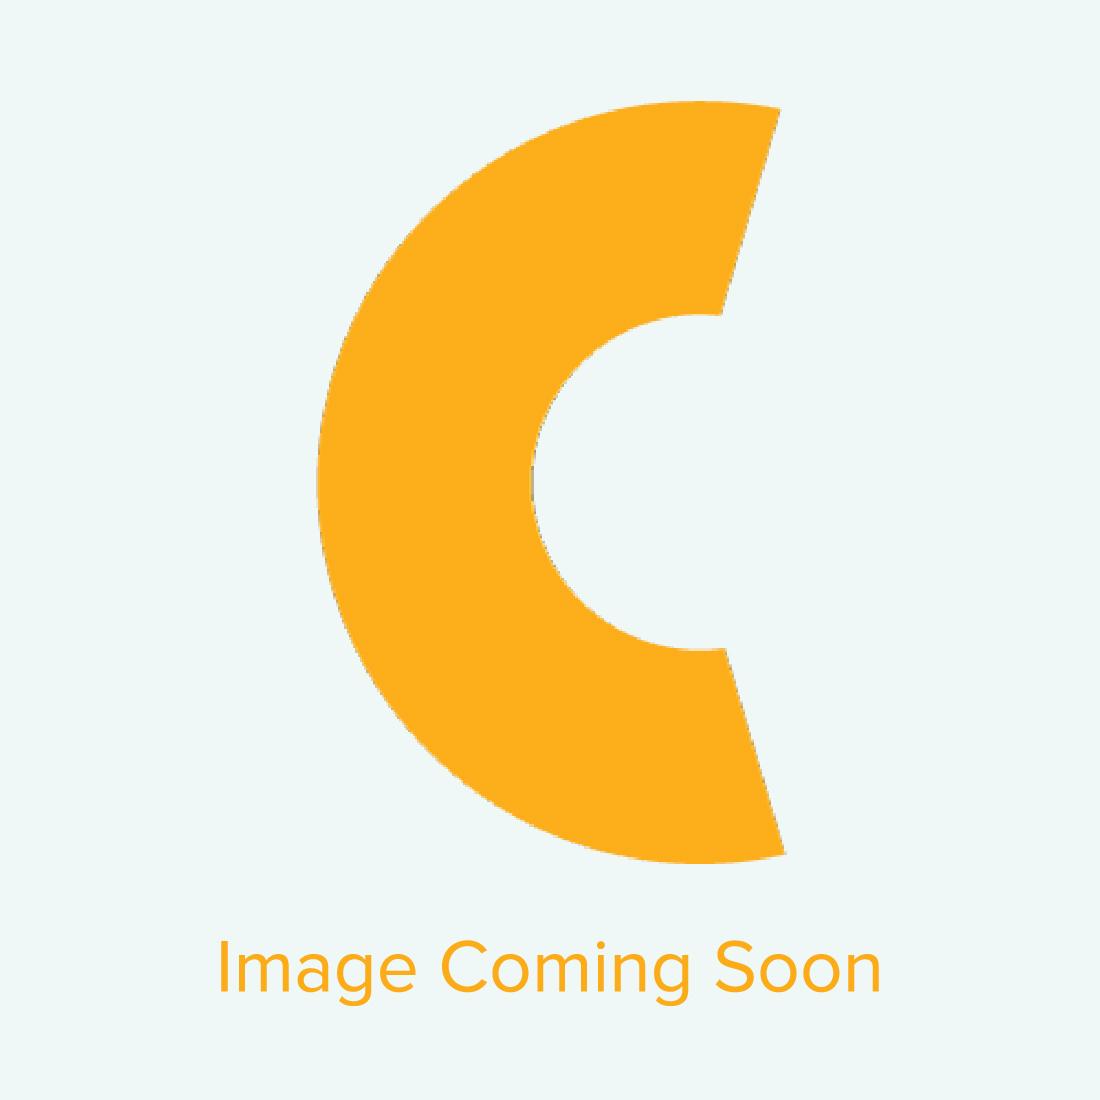 """Geo Knight Maxi Press Air - Wide Format 44"""" x 48"""" Air Operated Heat Press Machine"""